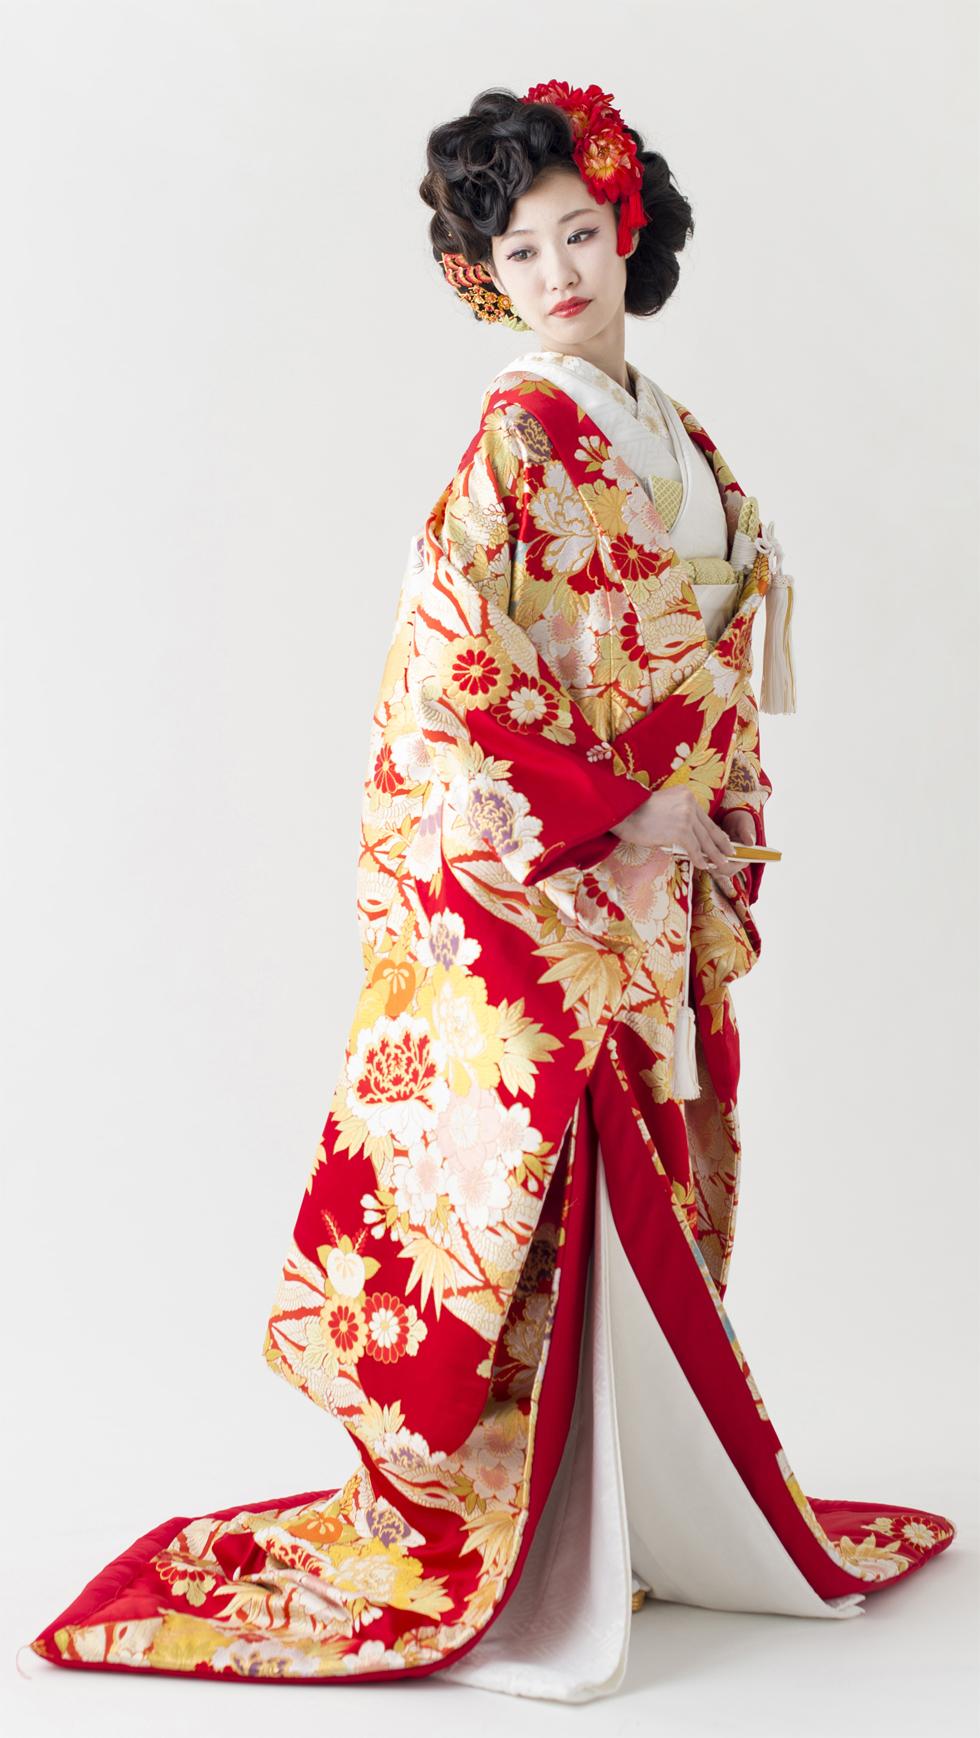 【日本橋髙島屋マ シェリ】和装 洋装 結婚式の御衣装